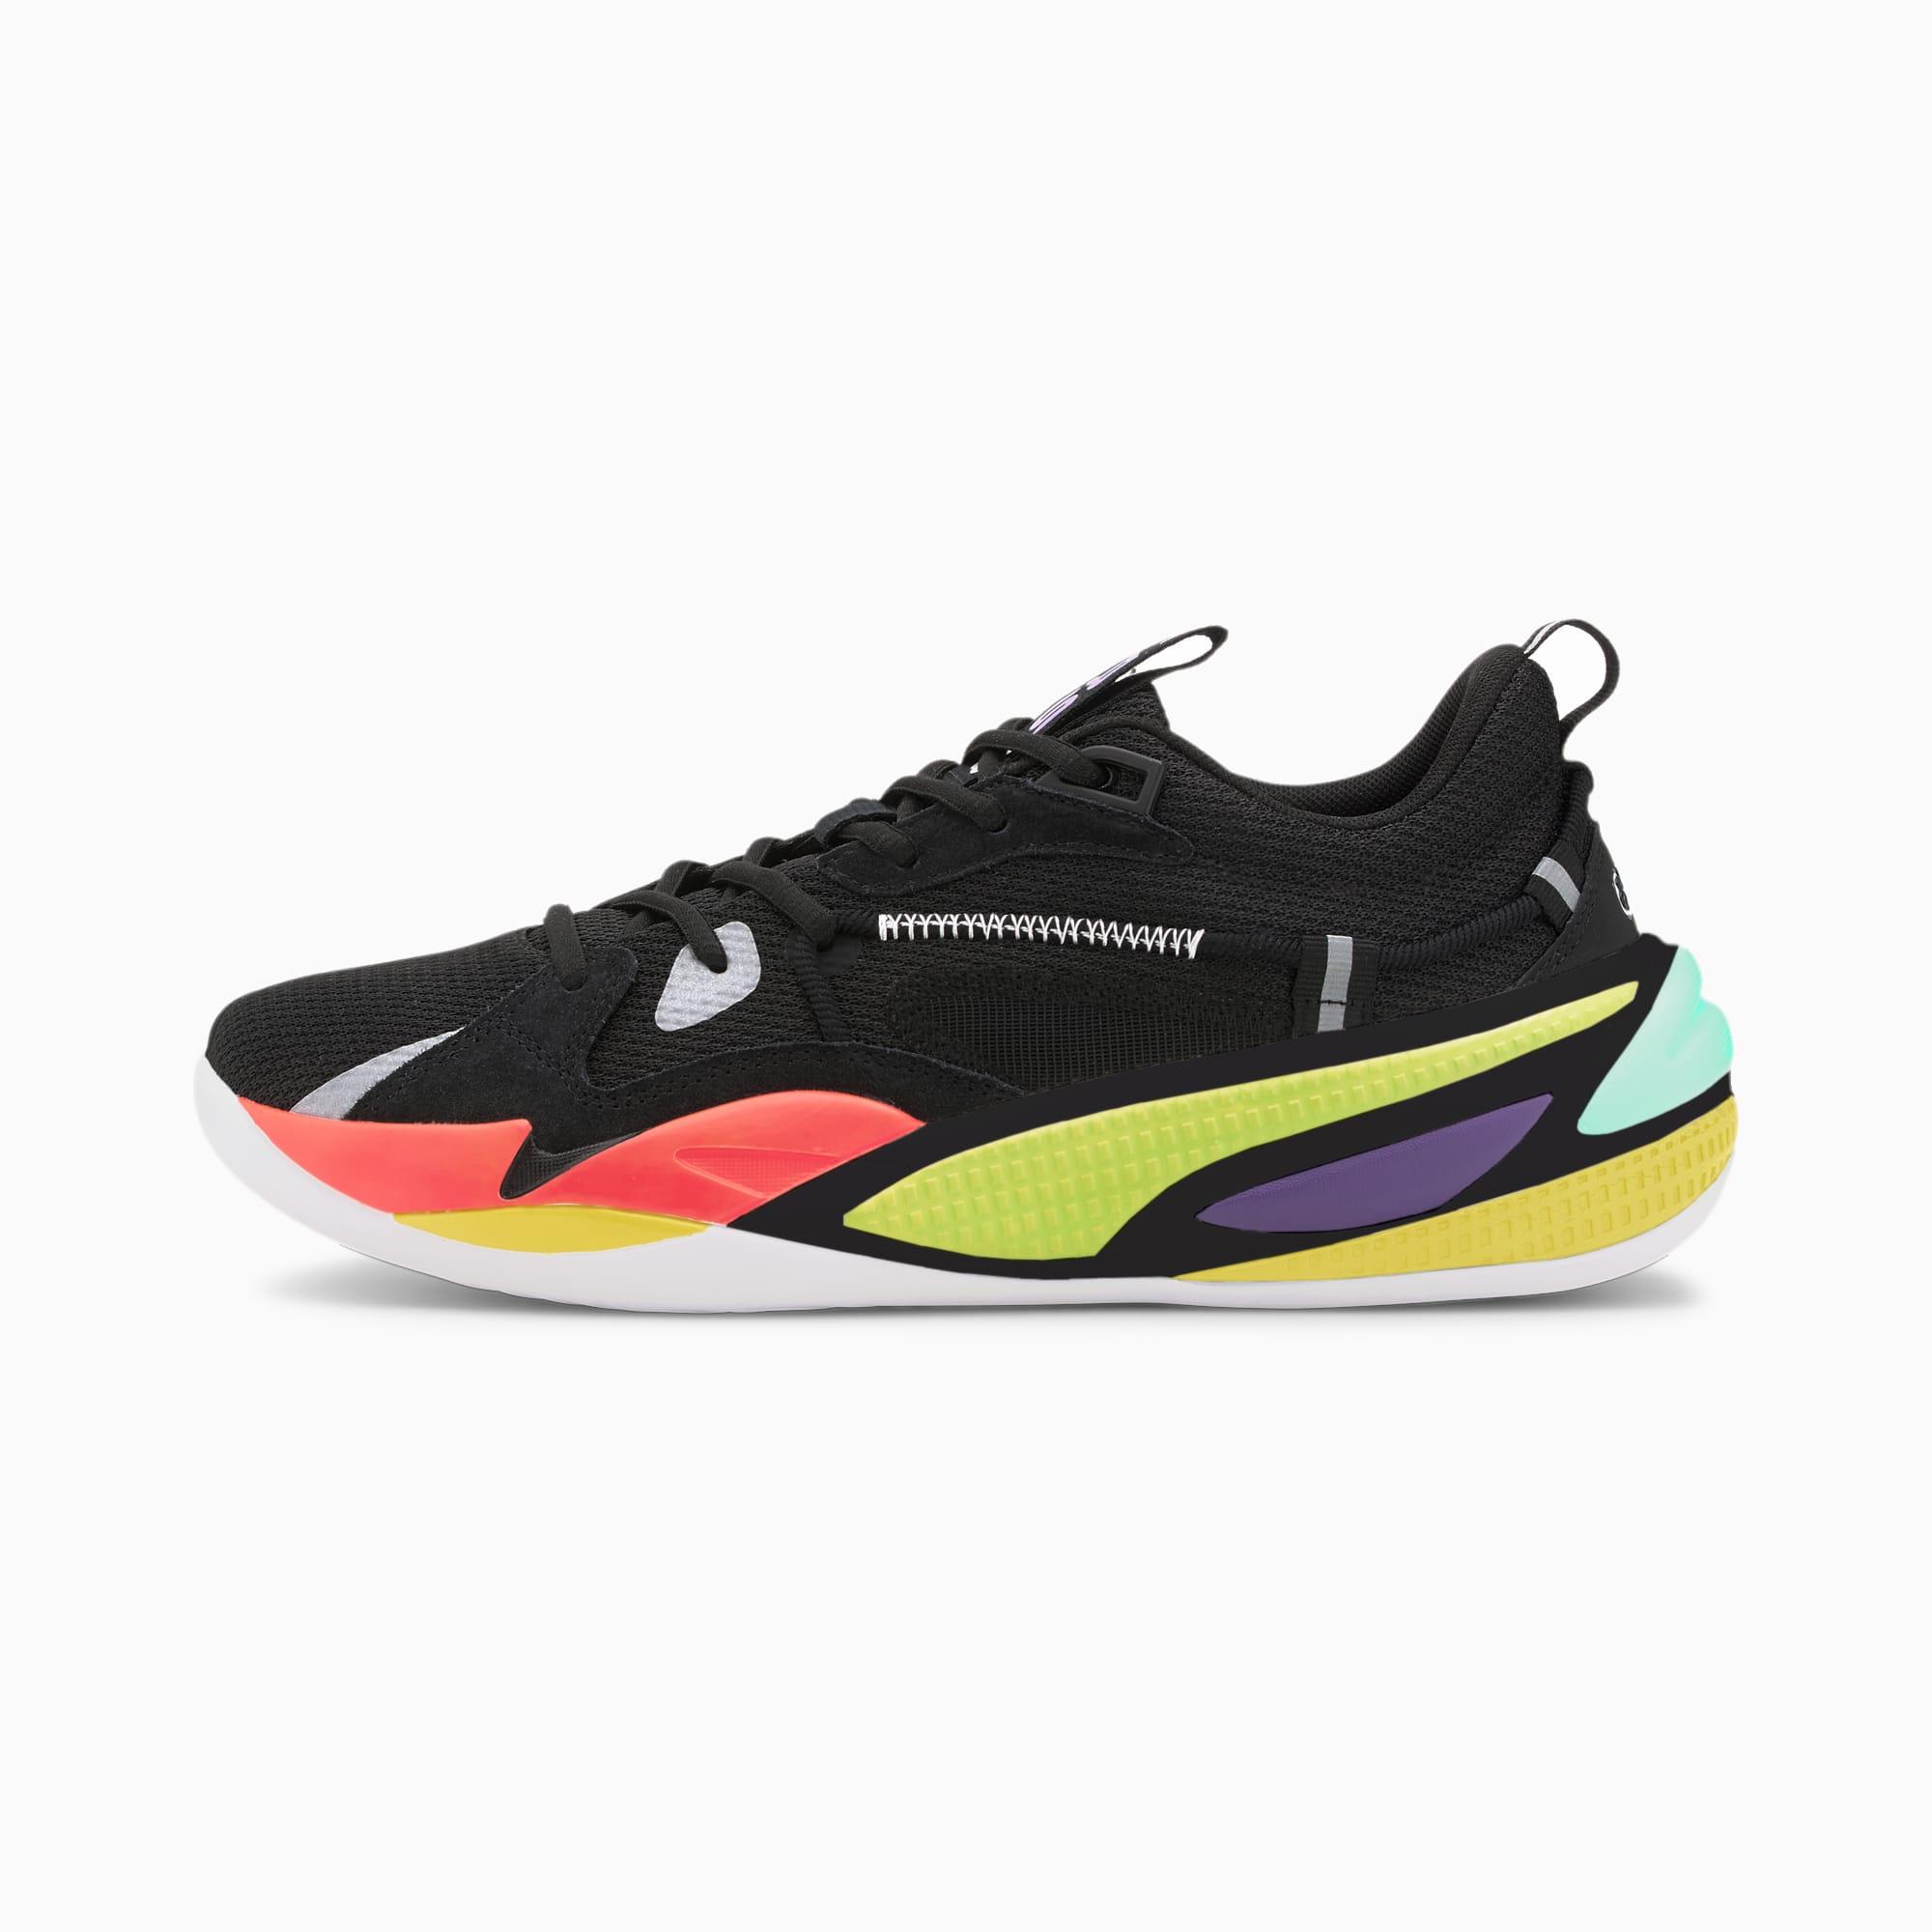 PUMA Chaussure de basket RS-Dreamer Proto, Noir/Rouge, Taille 41, Chaussures